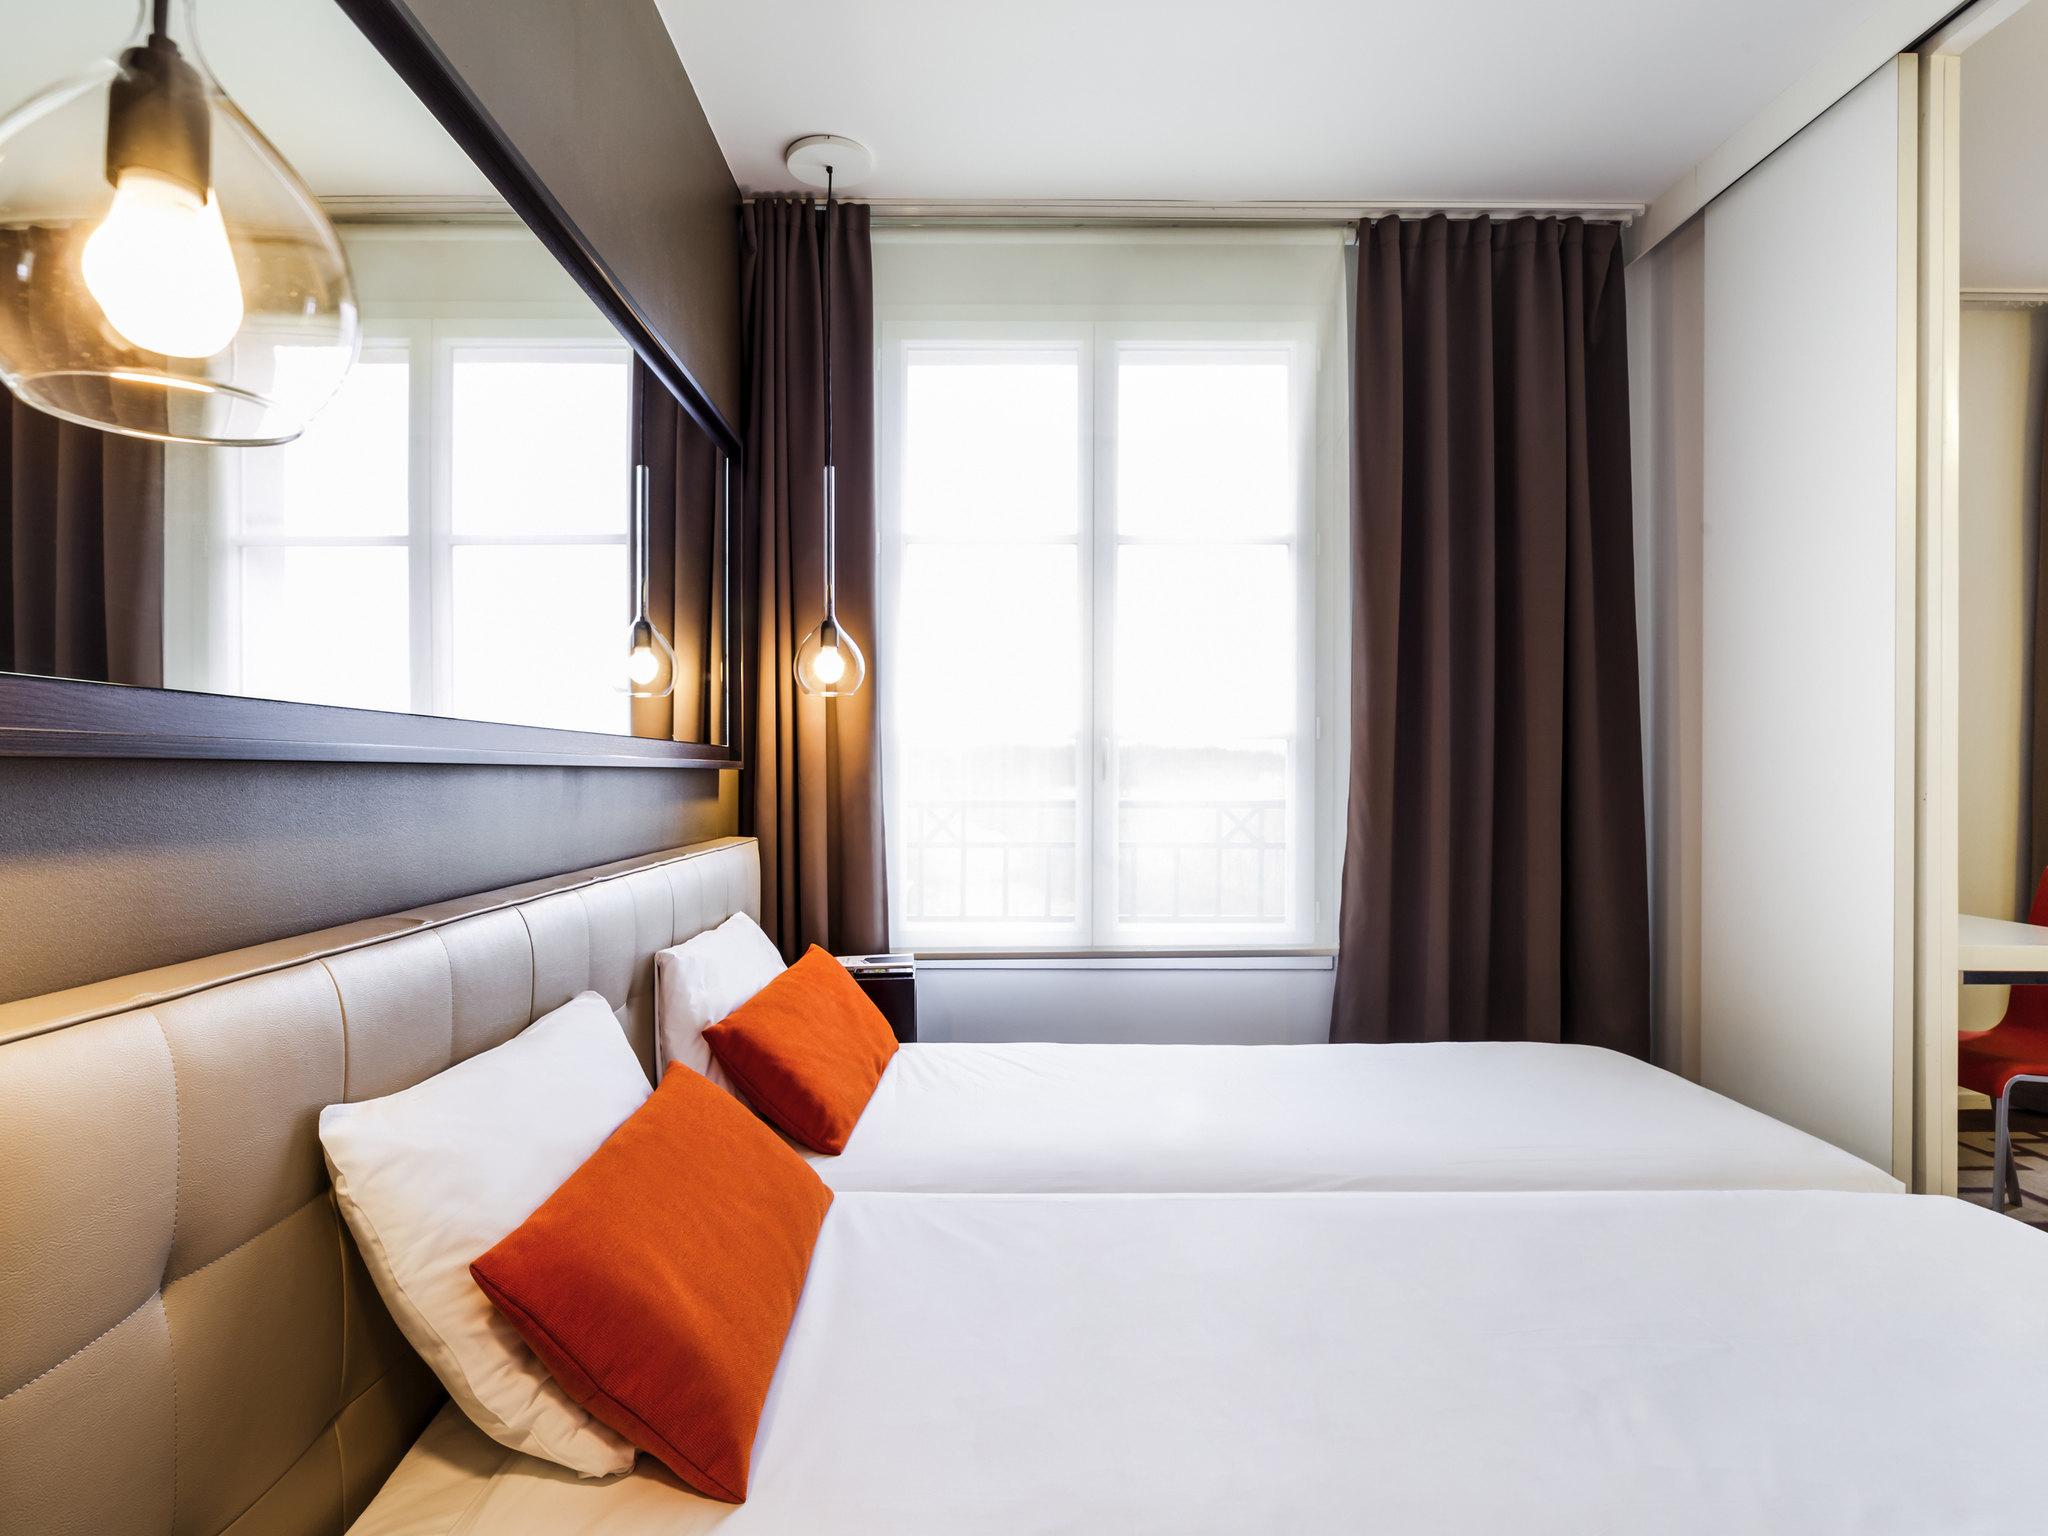 Hotel – Hipark by Adagio Marseille (otwarcie w lutym 2018 r.)